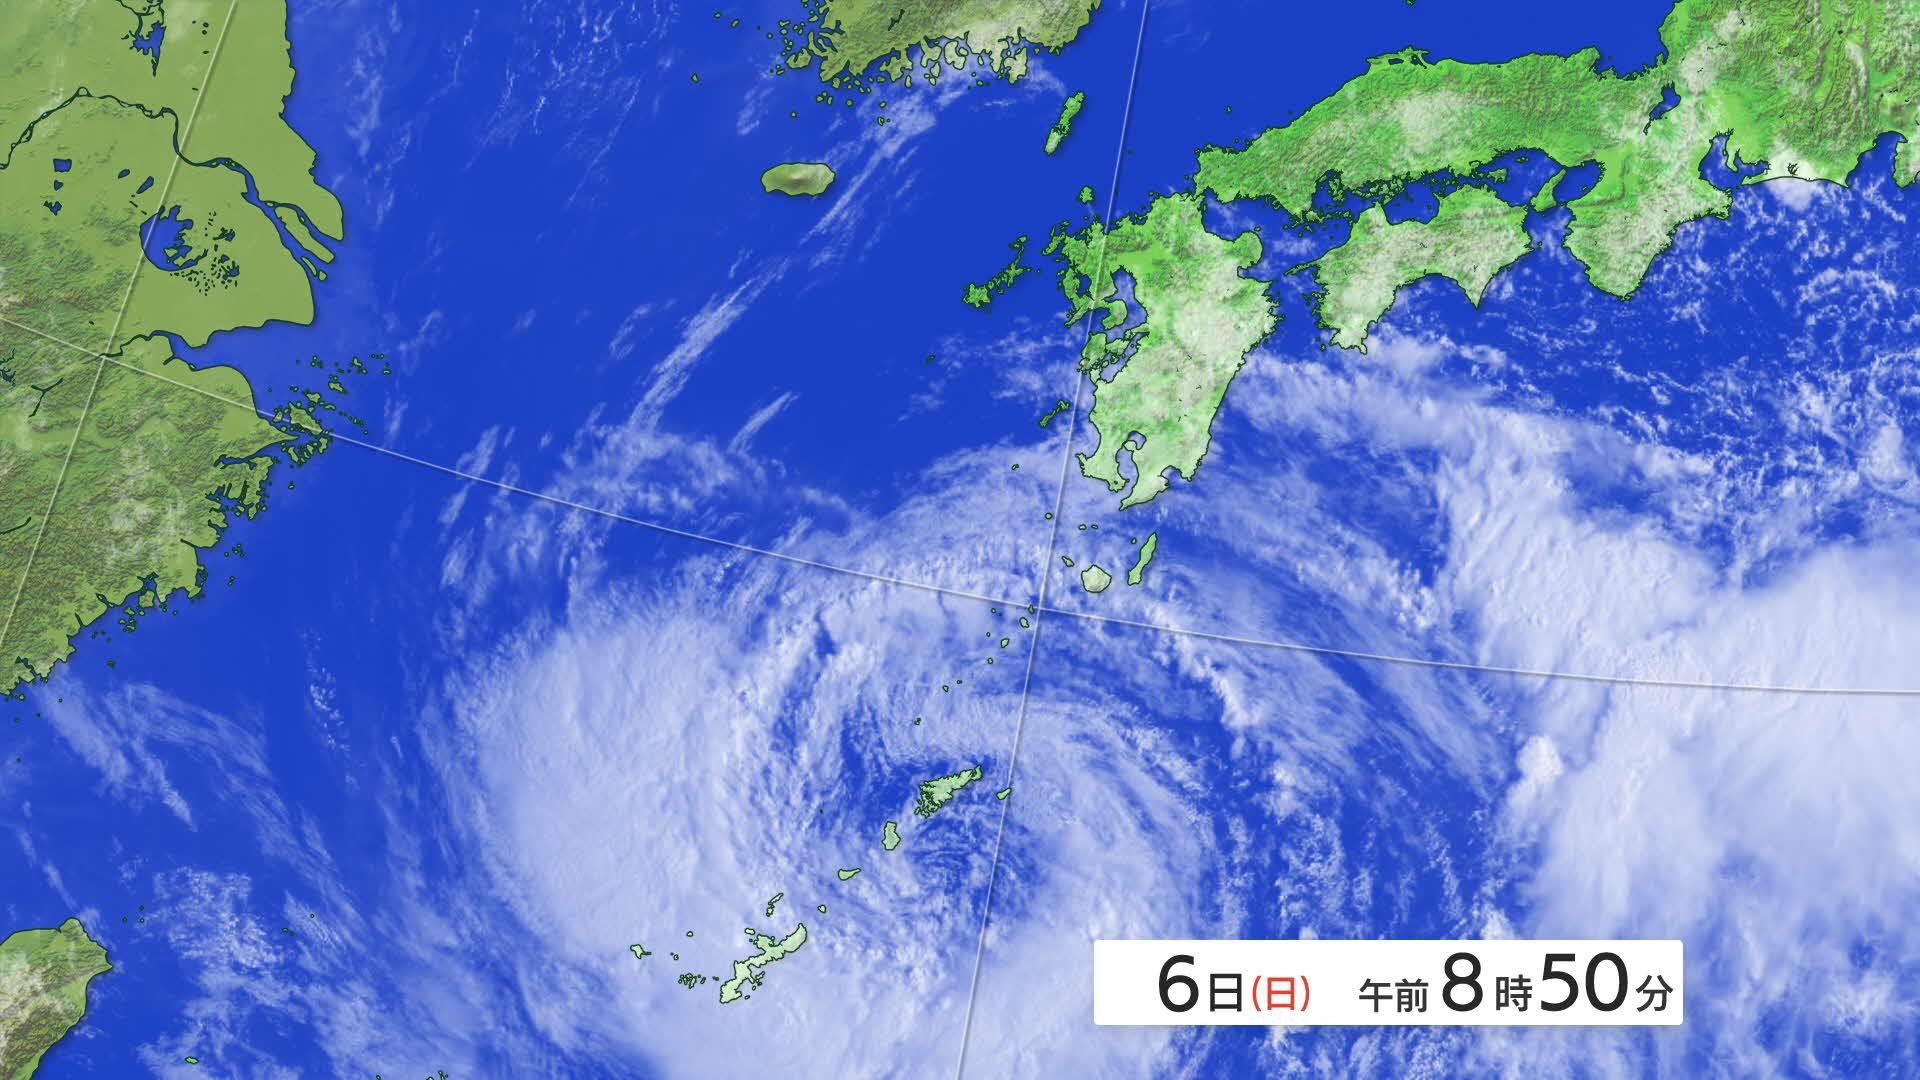 レーダー 雨雲 福岡 市 福岡県宗像市の雨雲レーダーと各地の天気予報